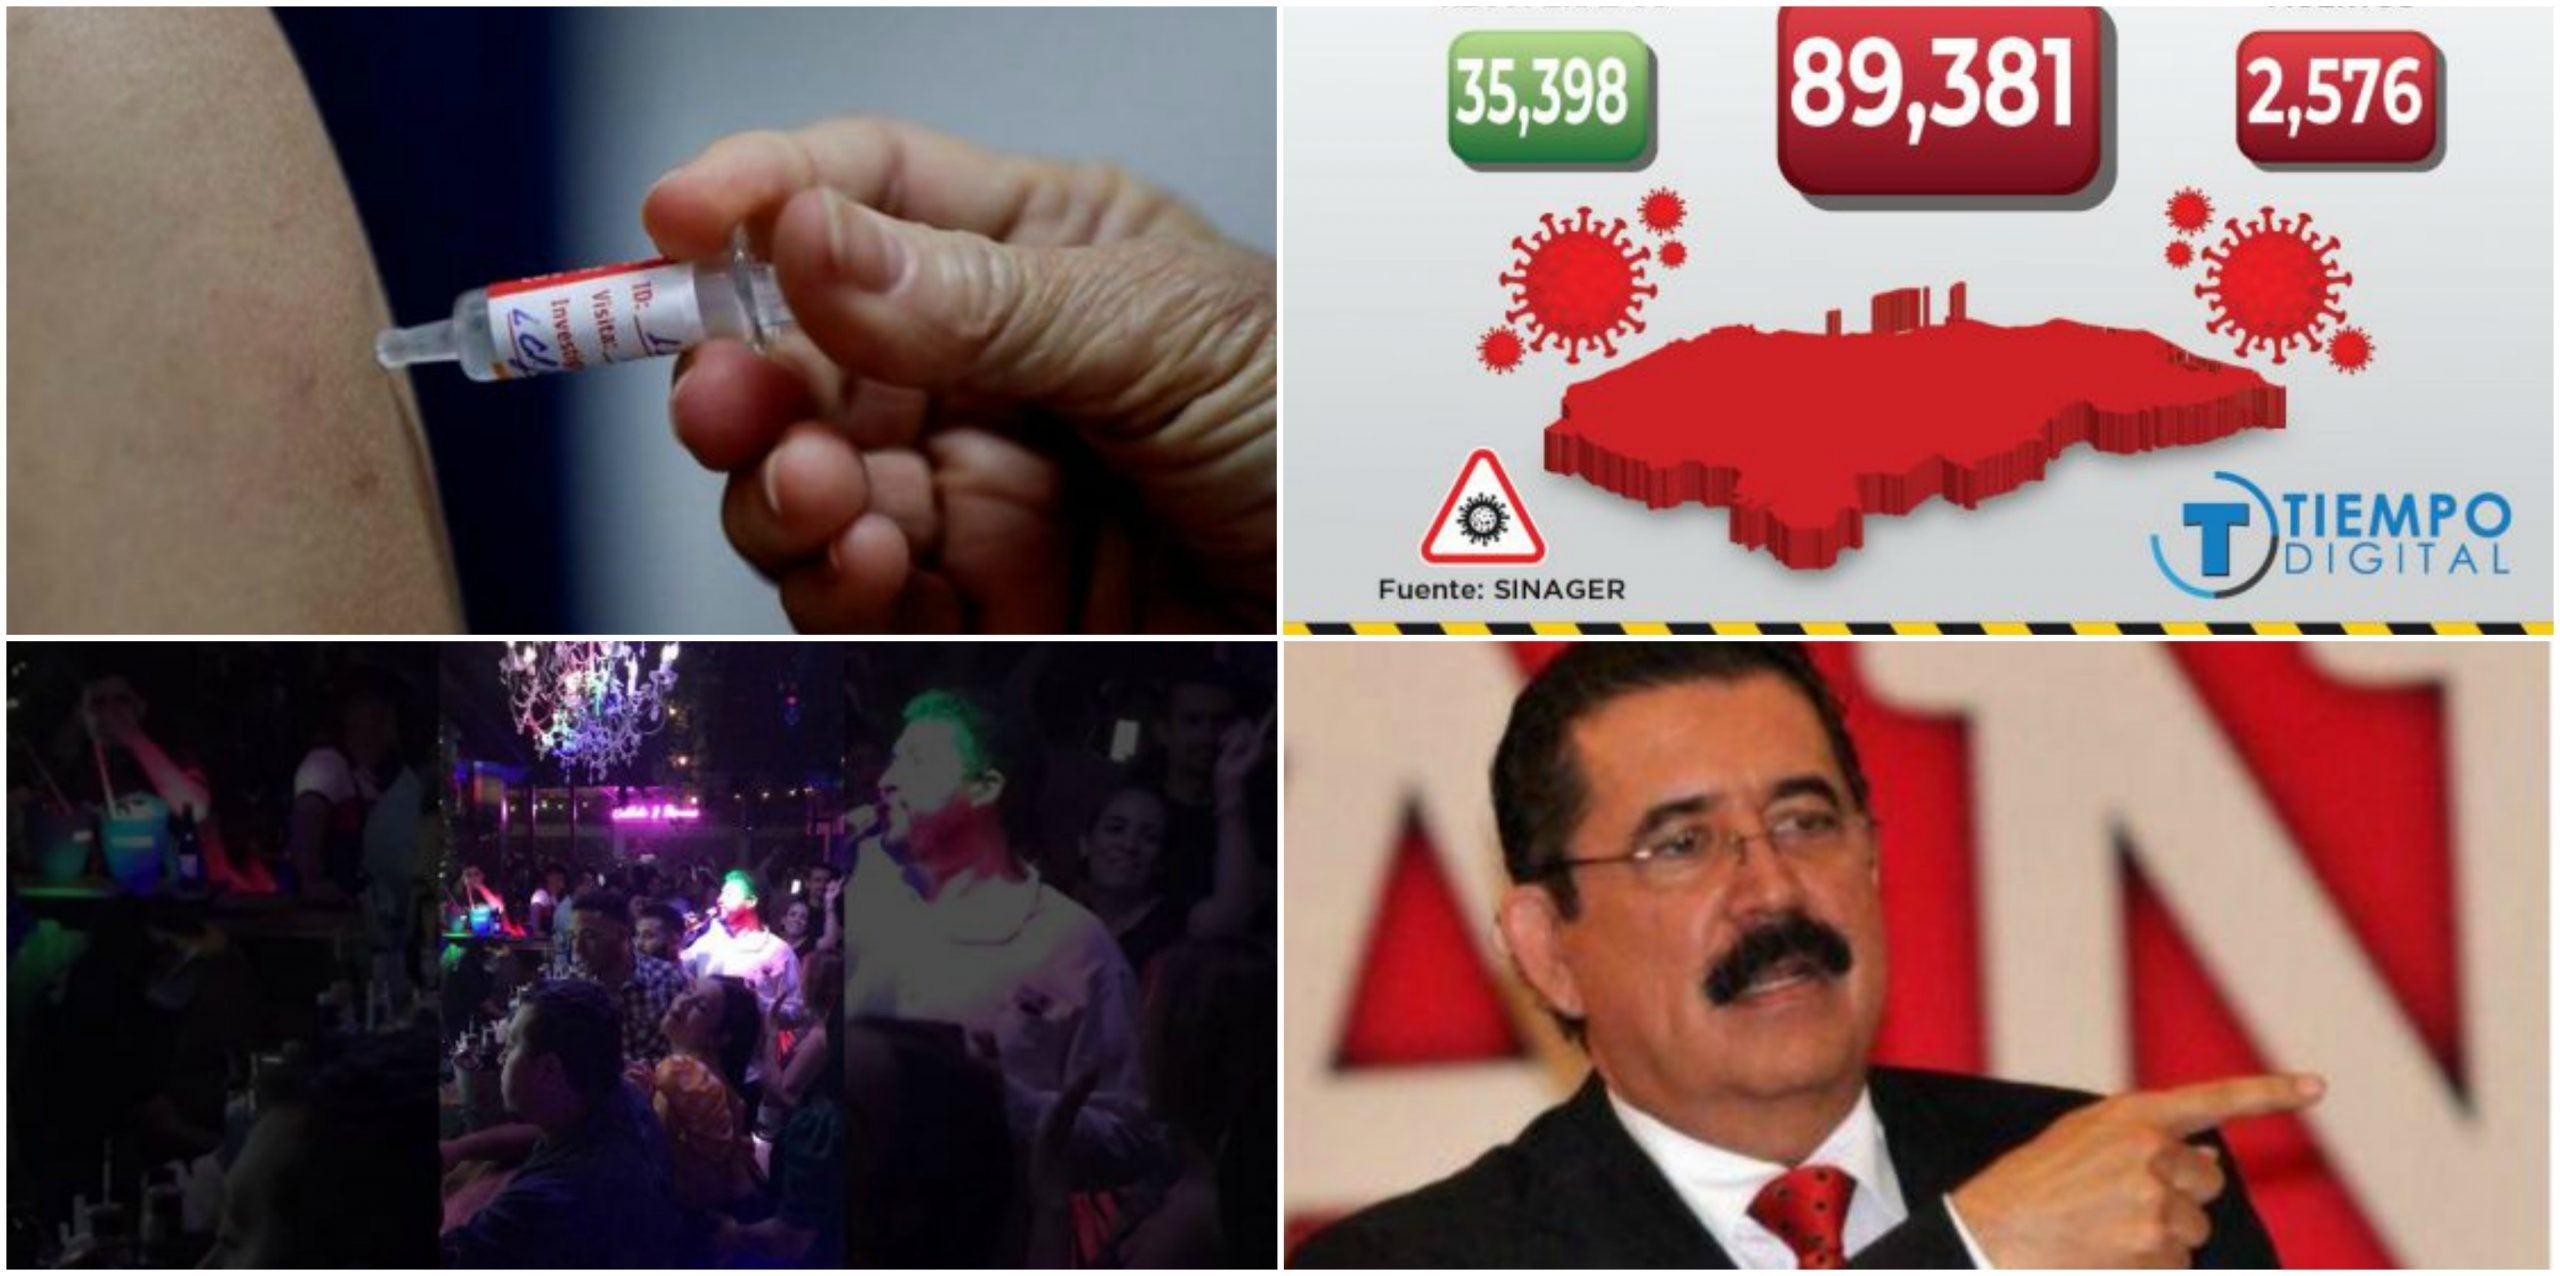 RESUMEN COVID-19: Mel probará vacuna rusa; SINAGER reporta 956 casos nuevos